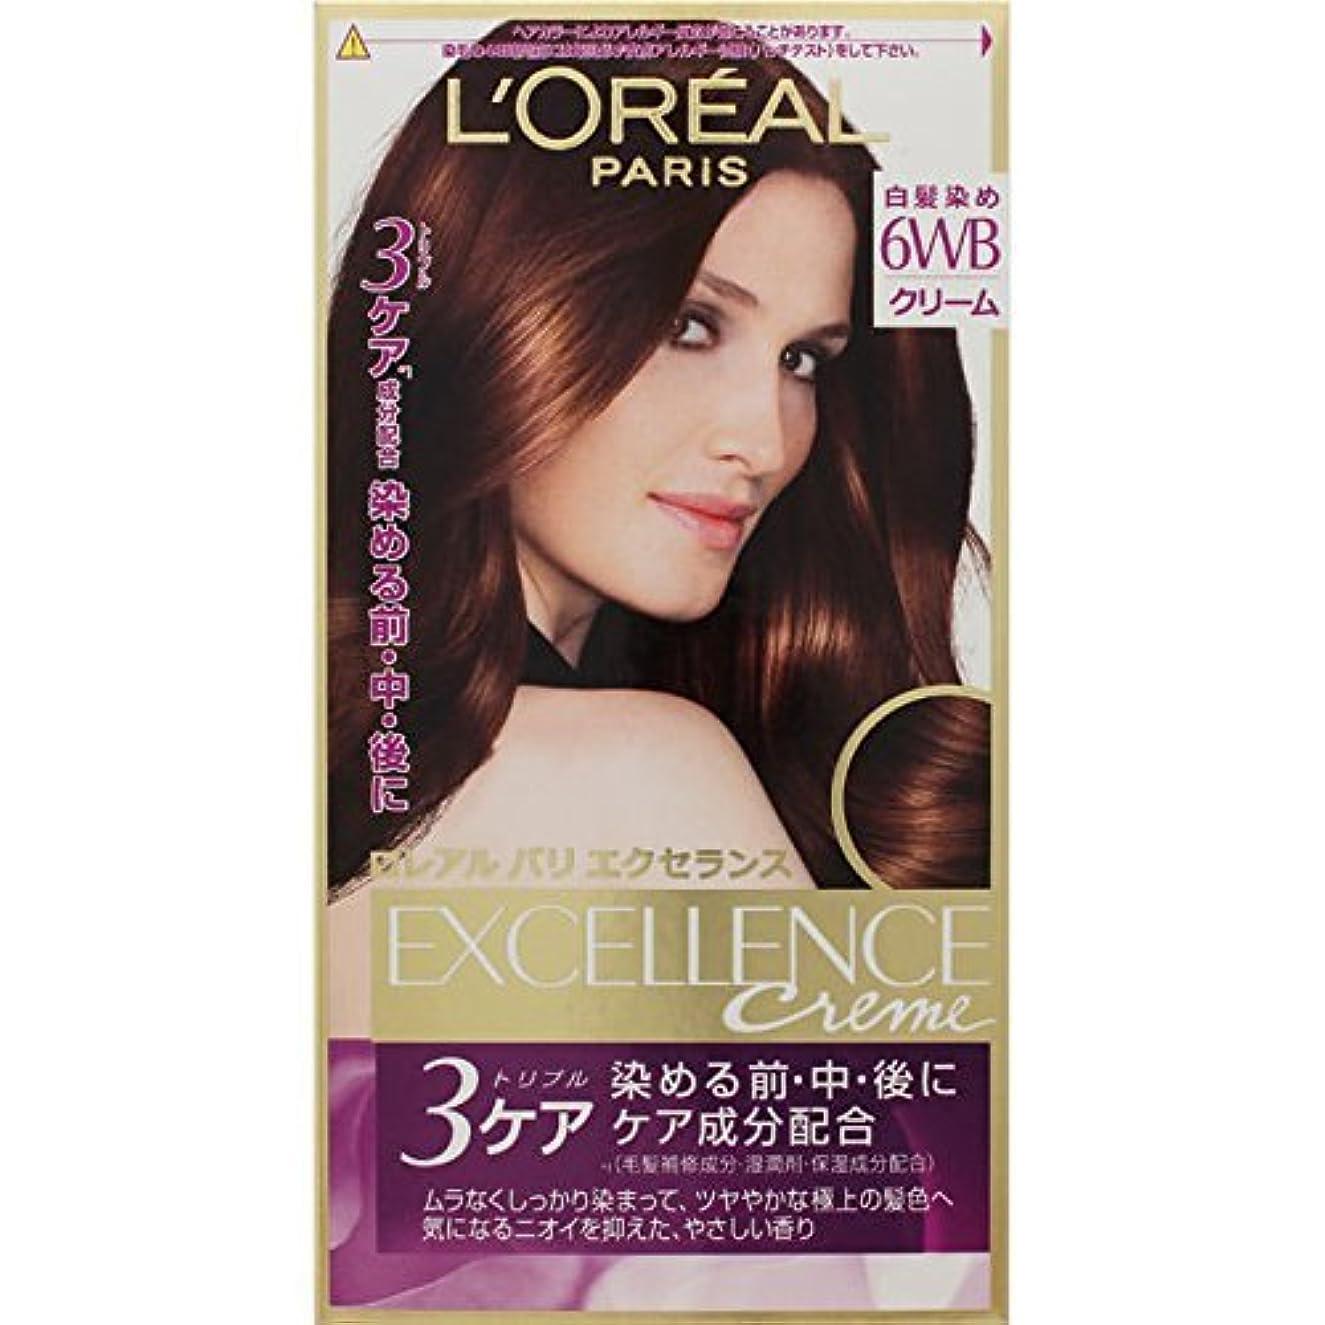 分析的雑多な塩ロレアル パリ ヘアカラー 白髪染め エクセランス N クリームタイプ 6WB ウォーム系のやや明るい栗色